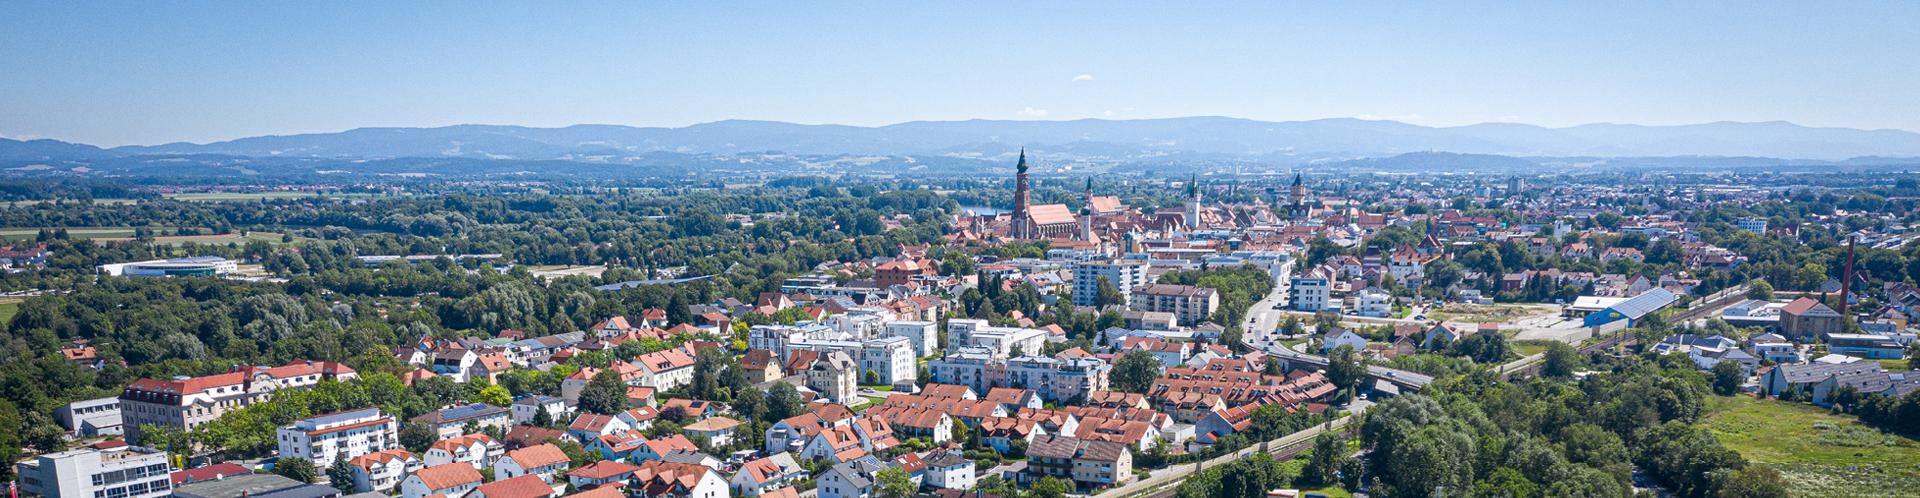 Luftbild Stadt Banner